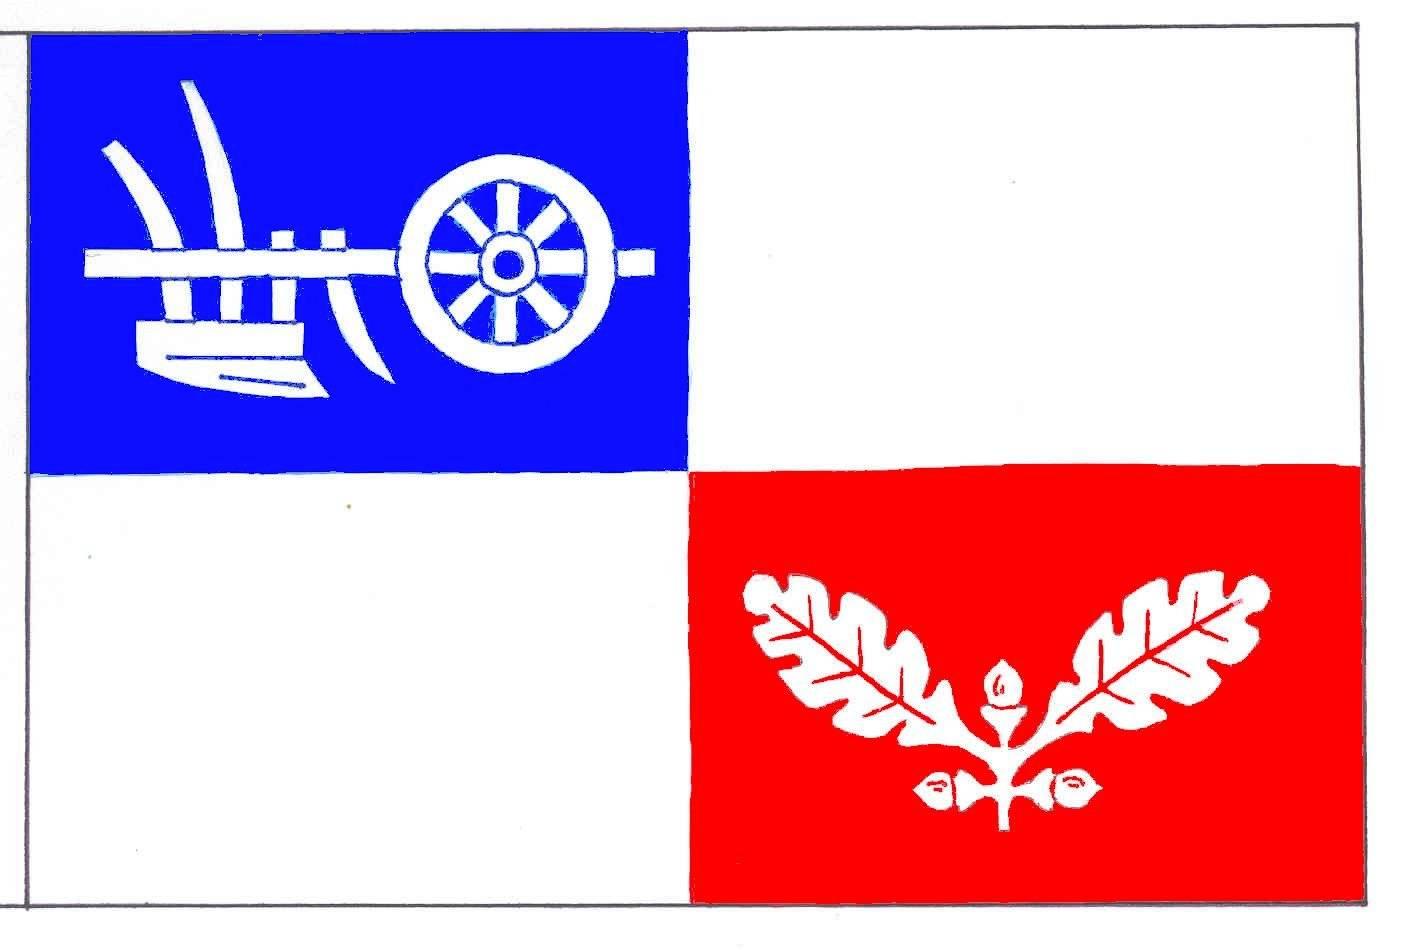 Flagge GemeindeBösdorf, Kreis Plön